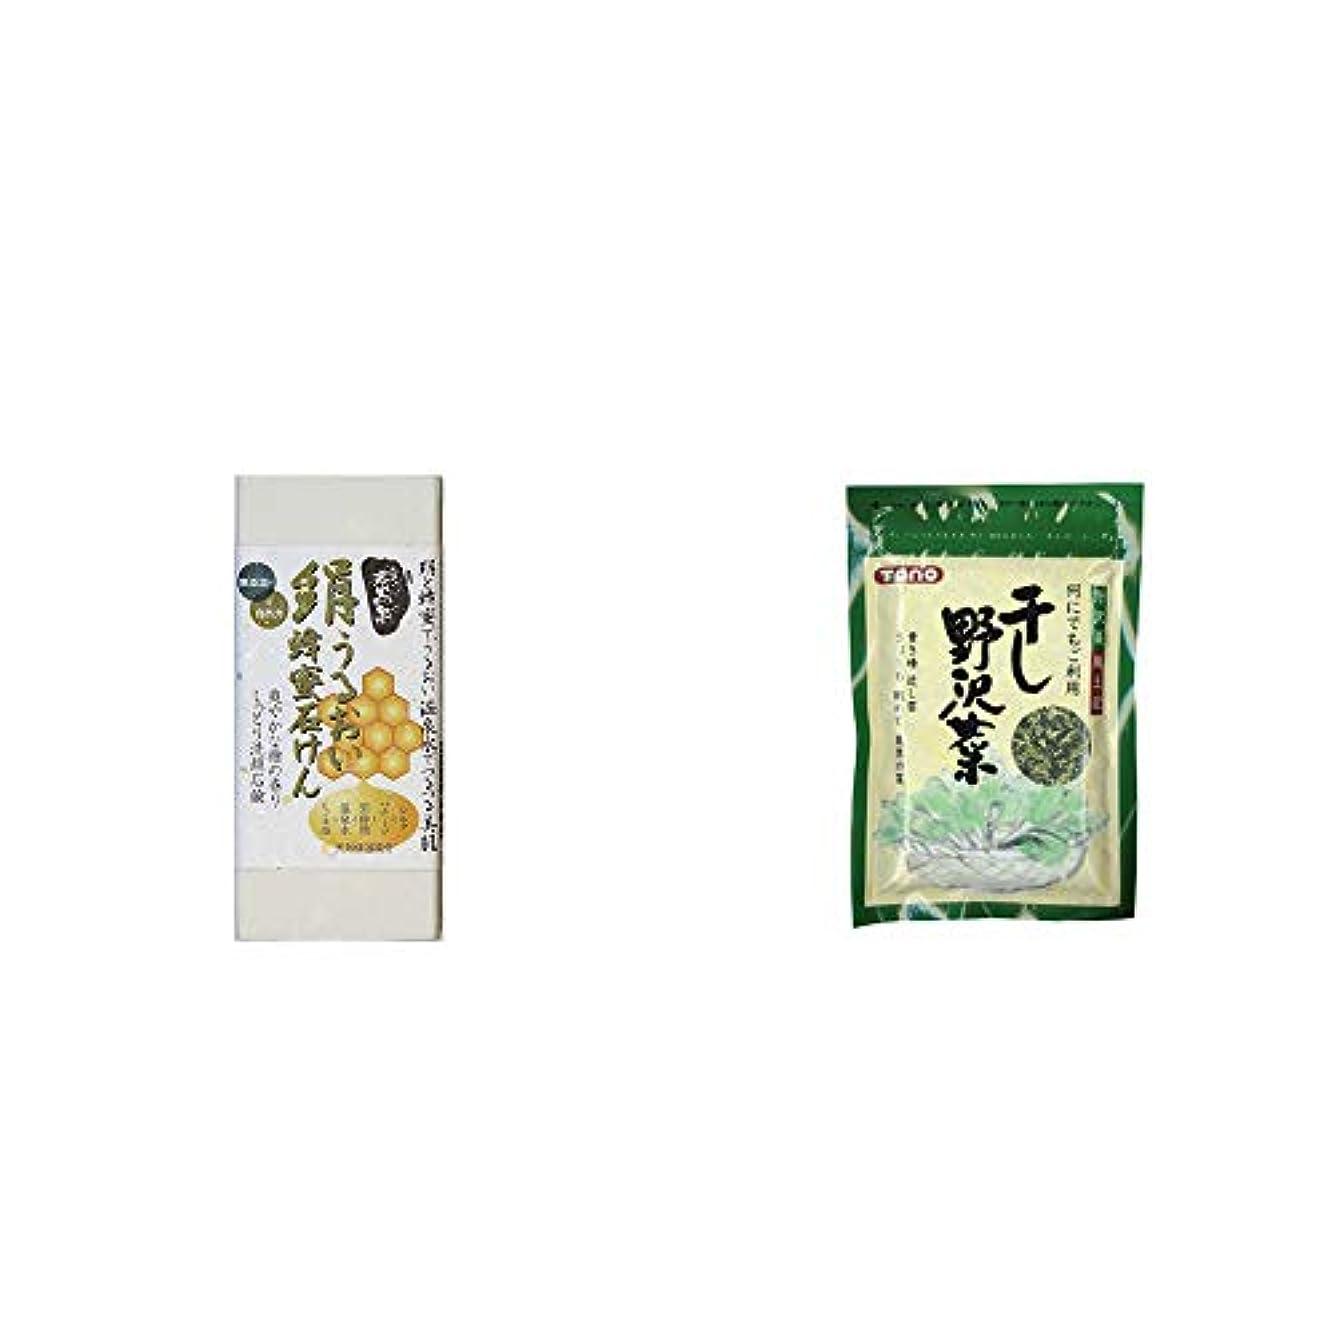 自体戻るその[2点セット] ひのき炭黒泉 絹うるおい蜂蜜石けん(75g×2)?干し野沢菜(100g)